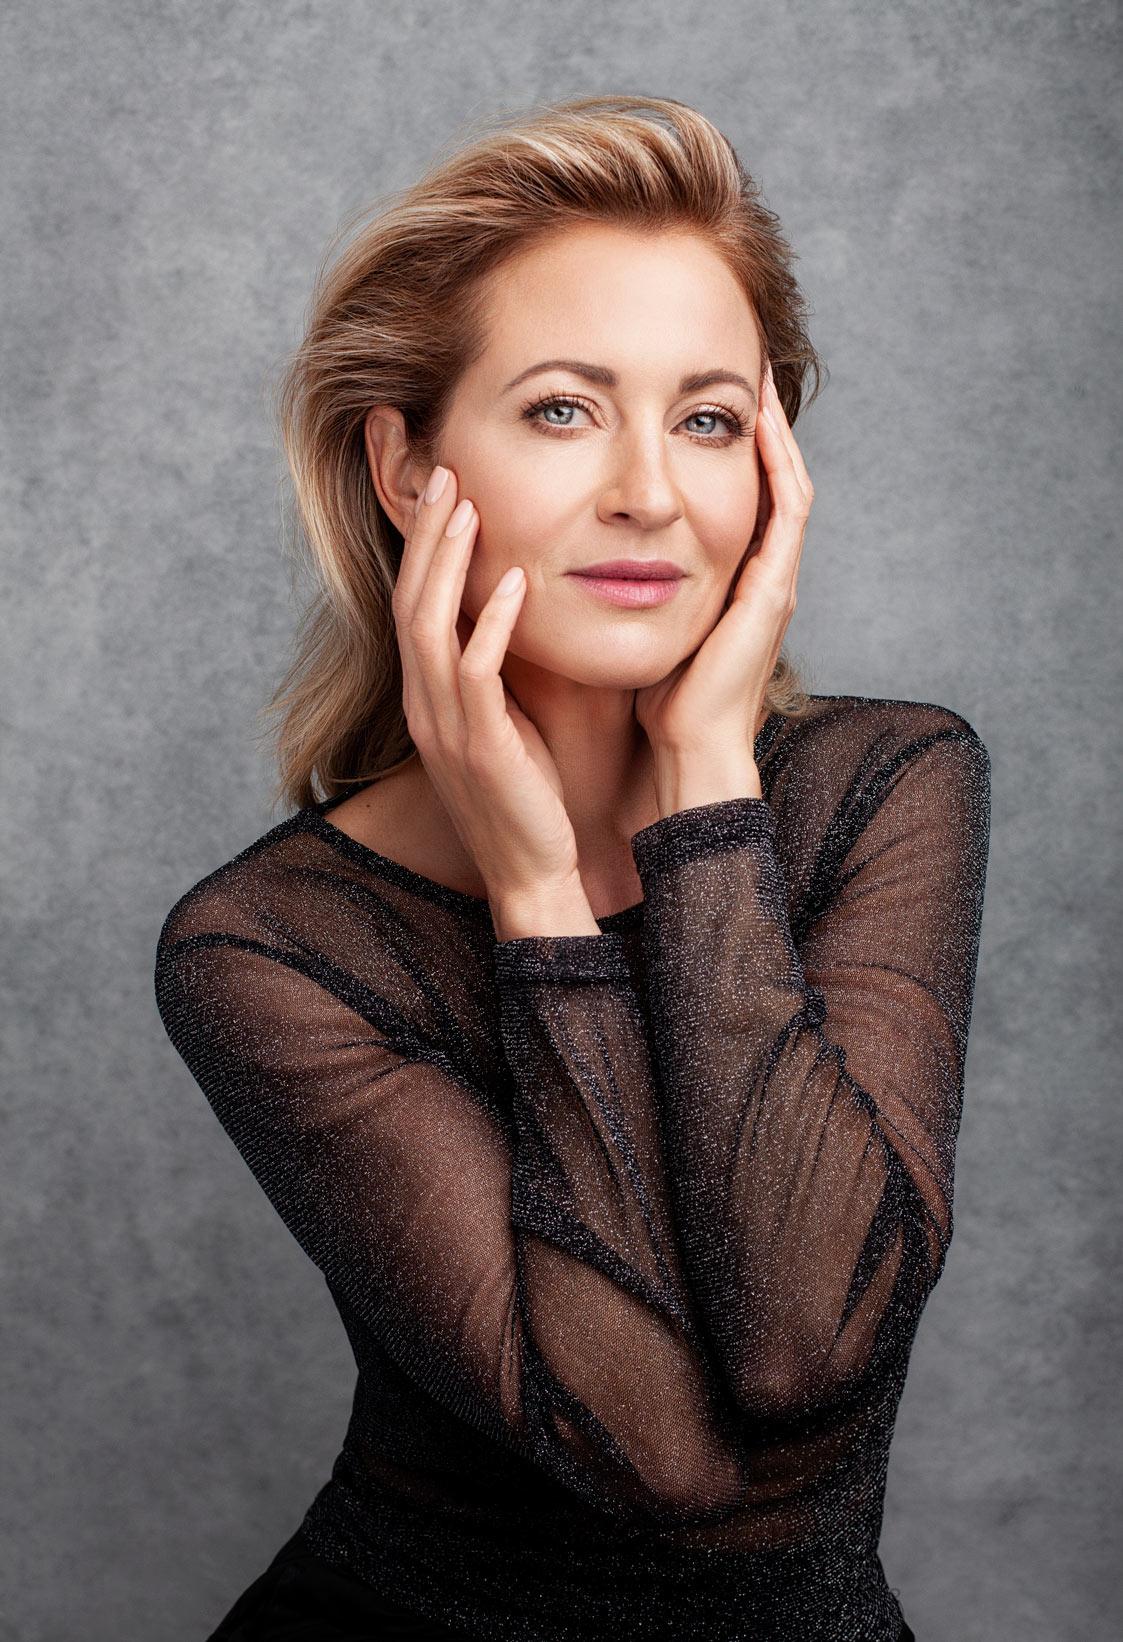 Clodine Desrochers photographié par la photographe professionnelle Dariane Sanche, portrait beauté mode artistique